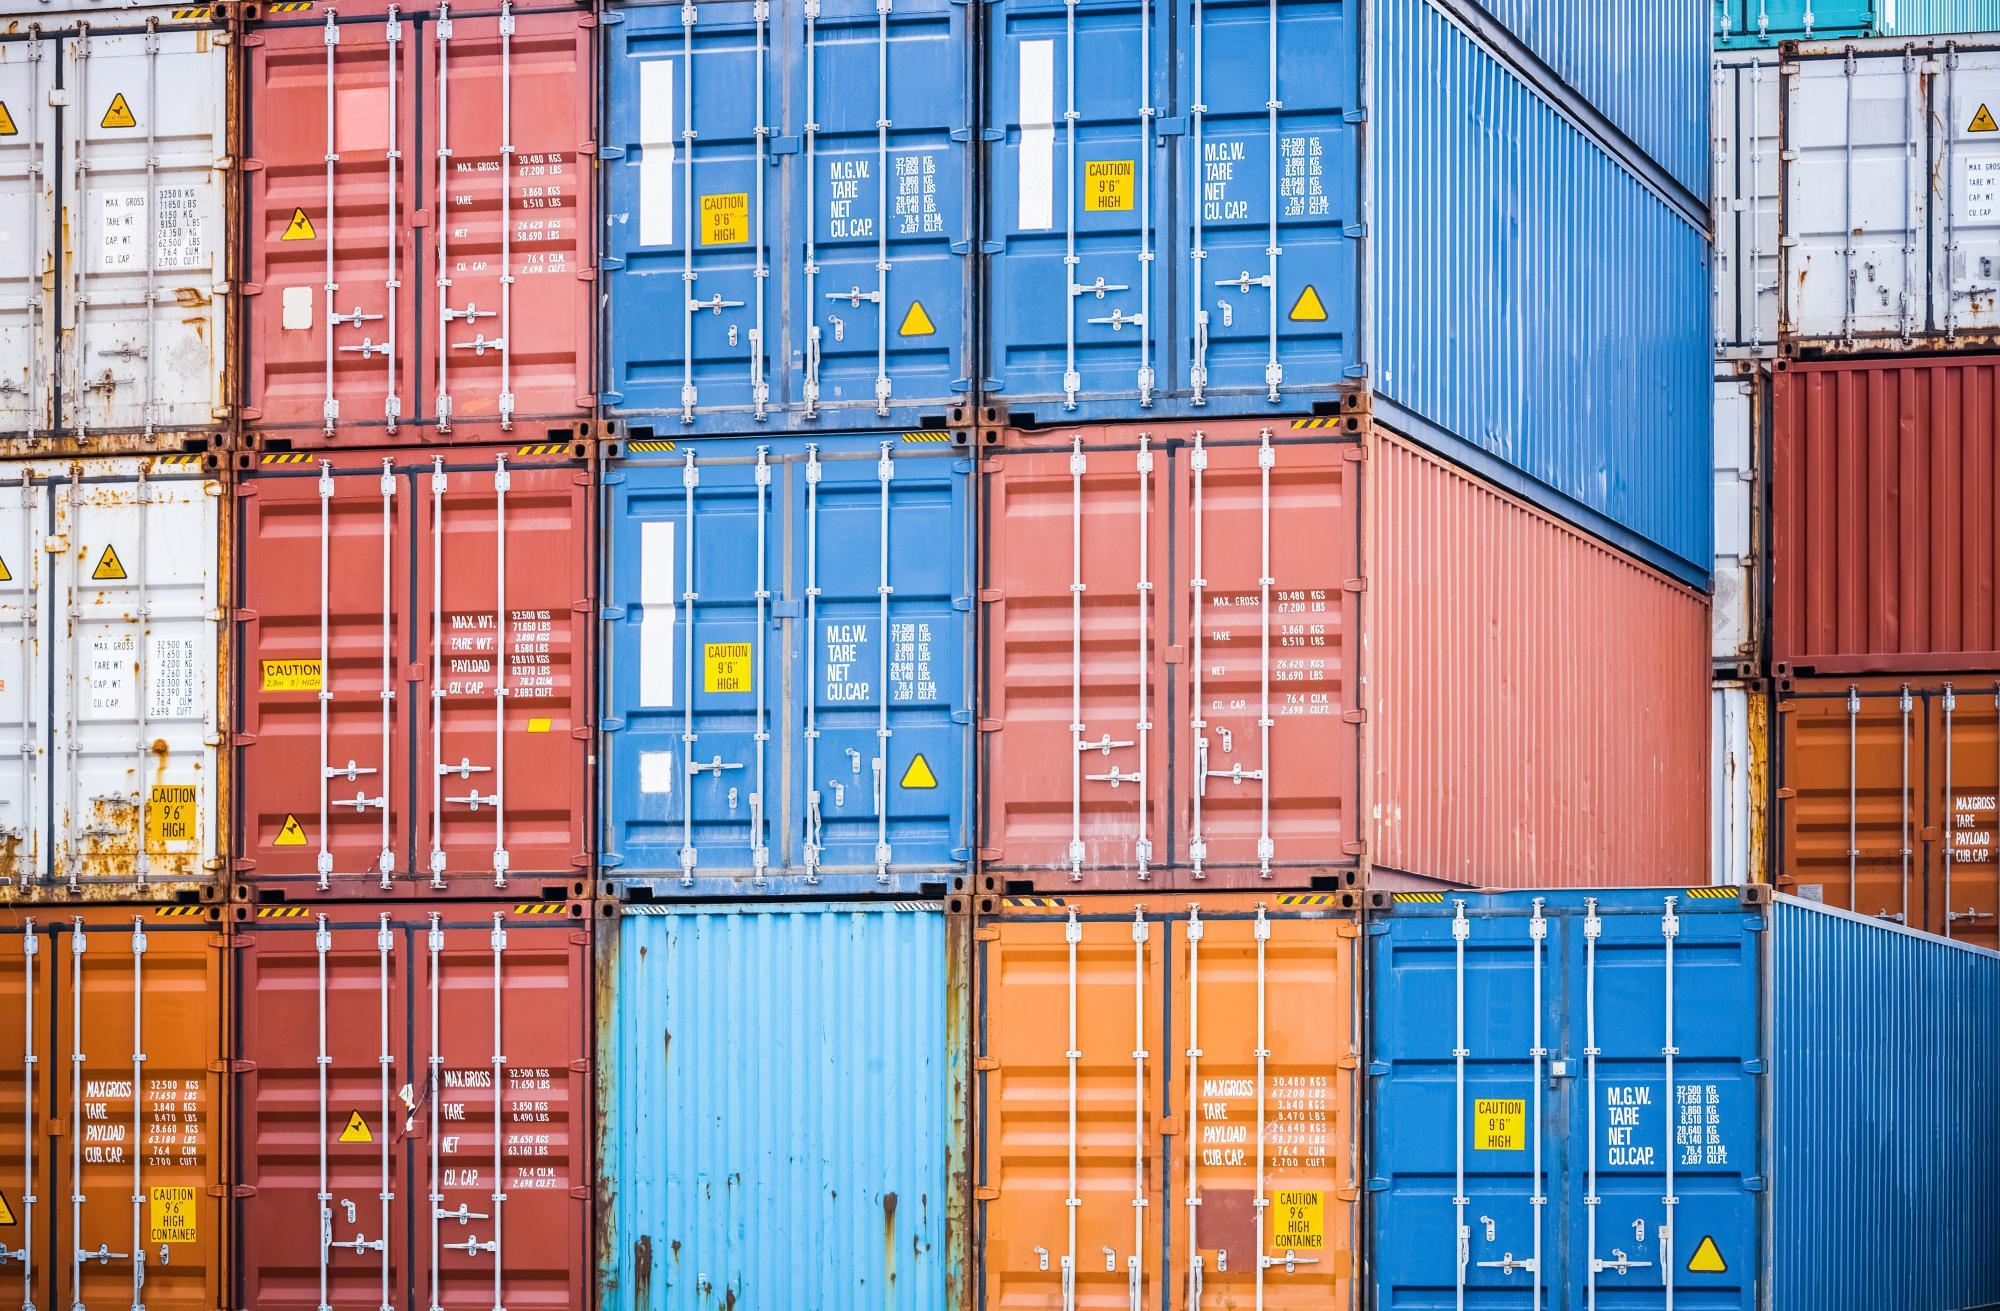 Таможенный союз в семь раз увеличил потолок беспошлинного ввоза товаров